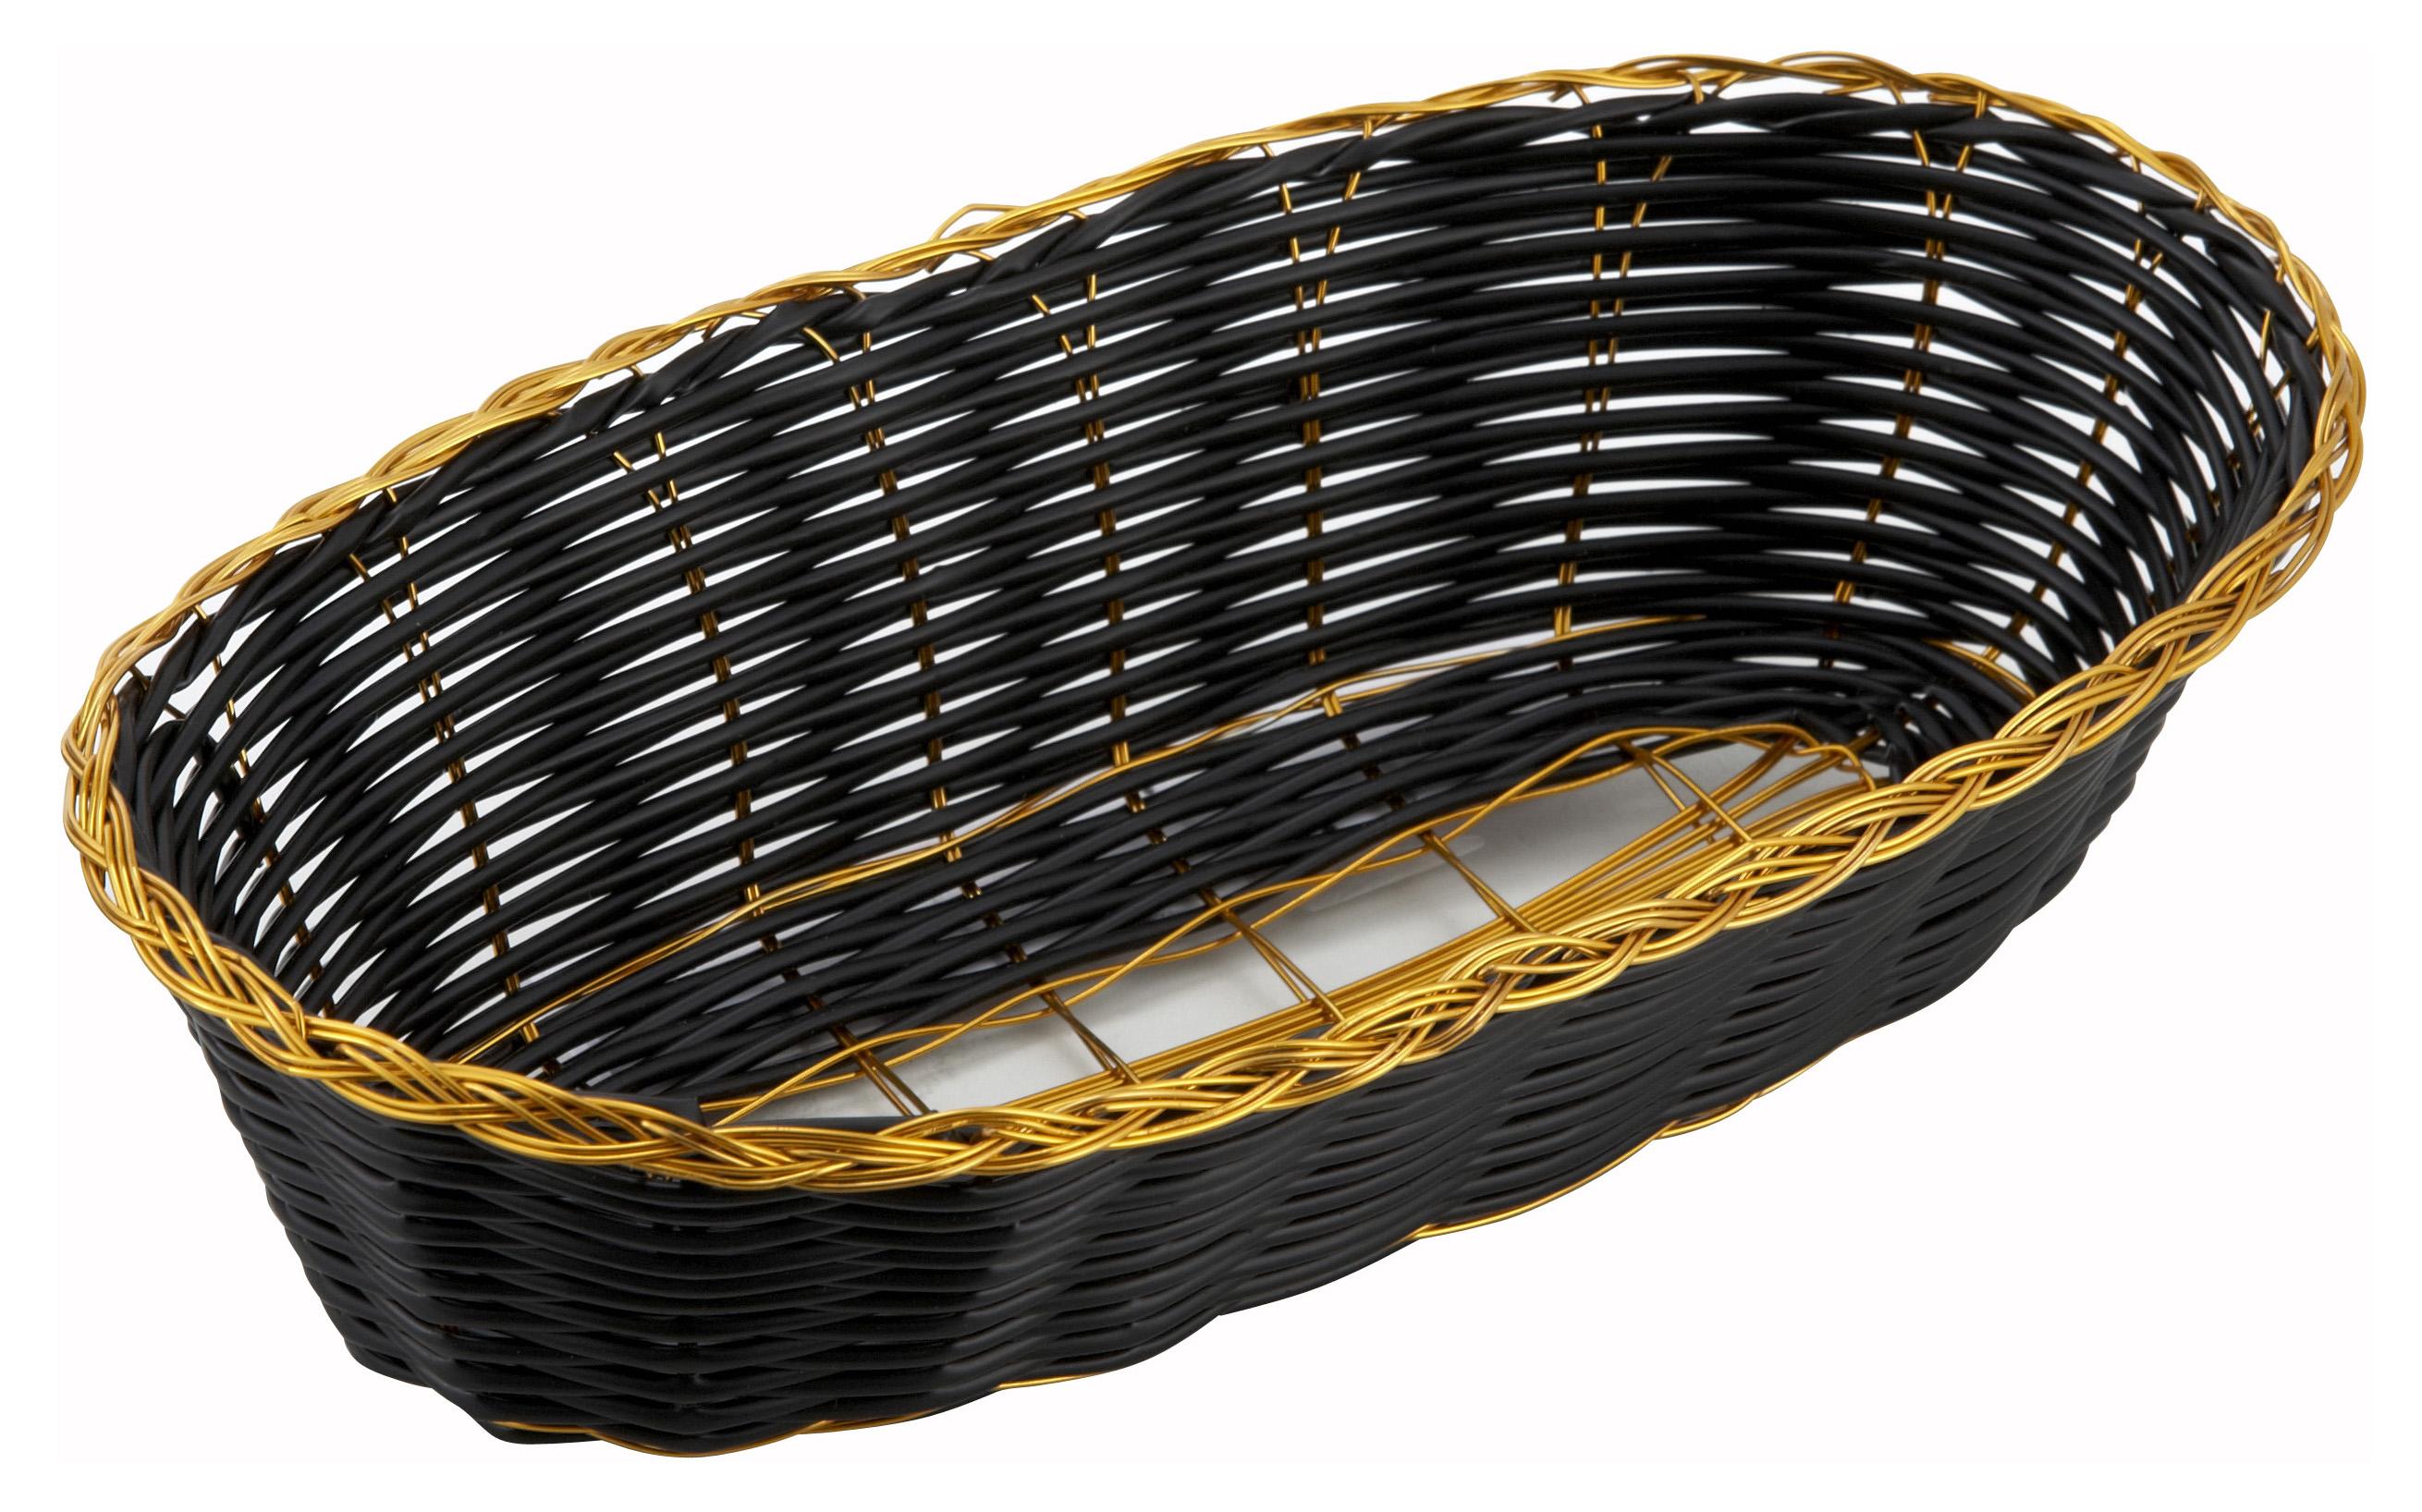 Winco PWBK-9B woven baskets